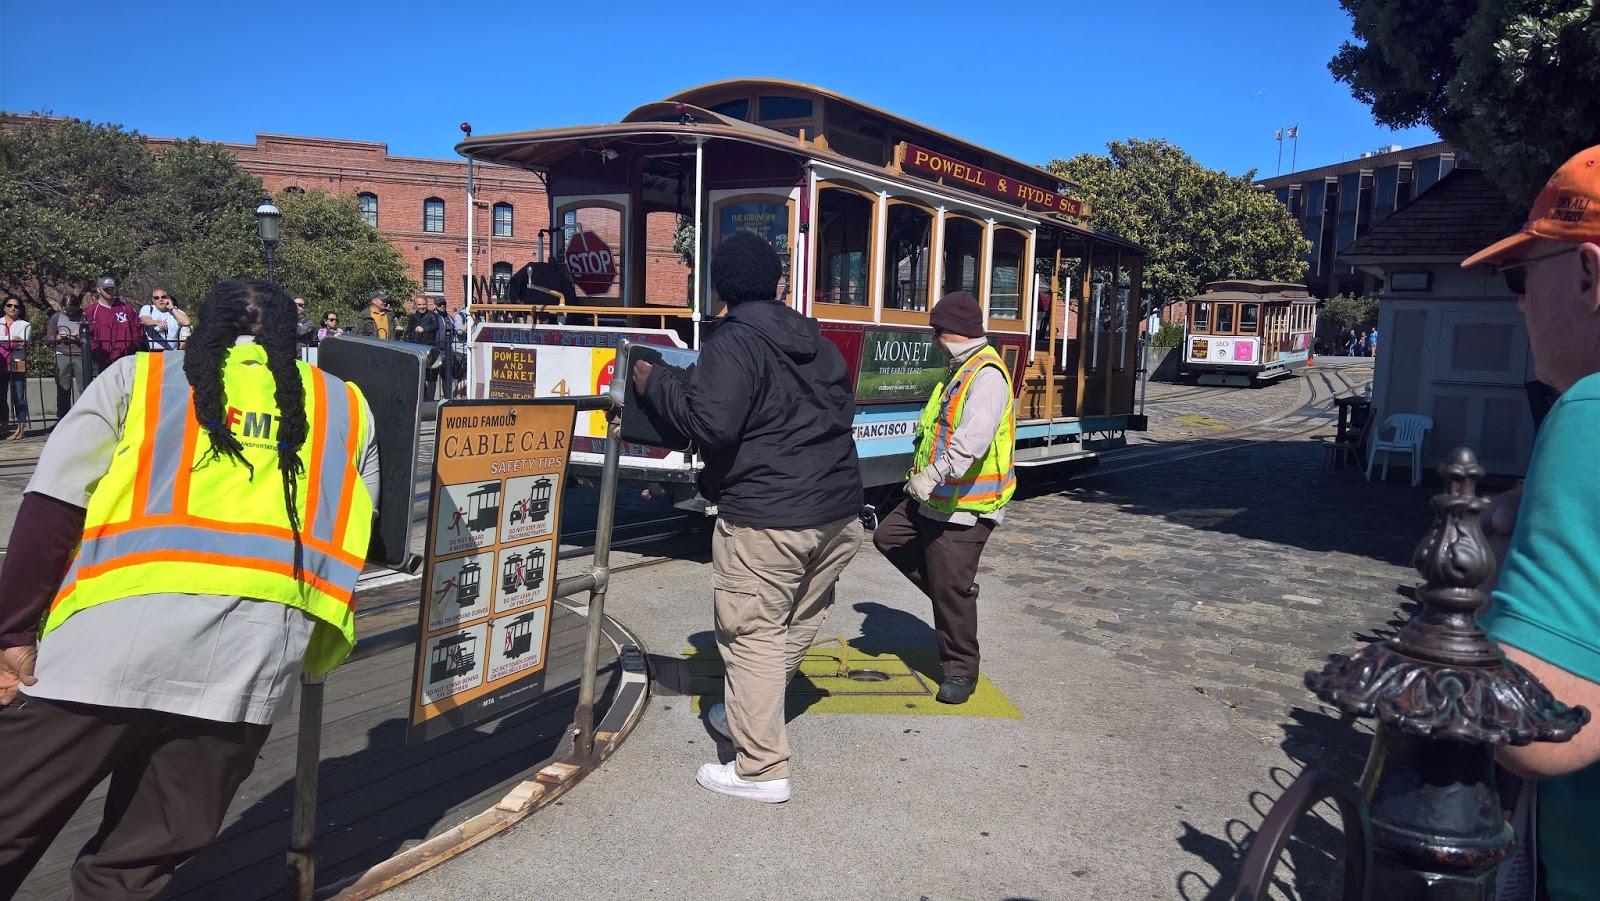 san francisco kalifornia cable car kaapelikärry ajelu kulkuneuvo matkailu matkajuttu mallaspulla